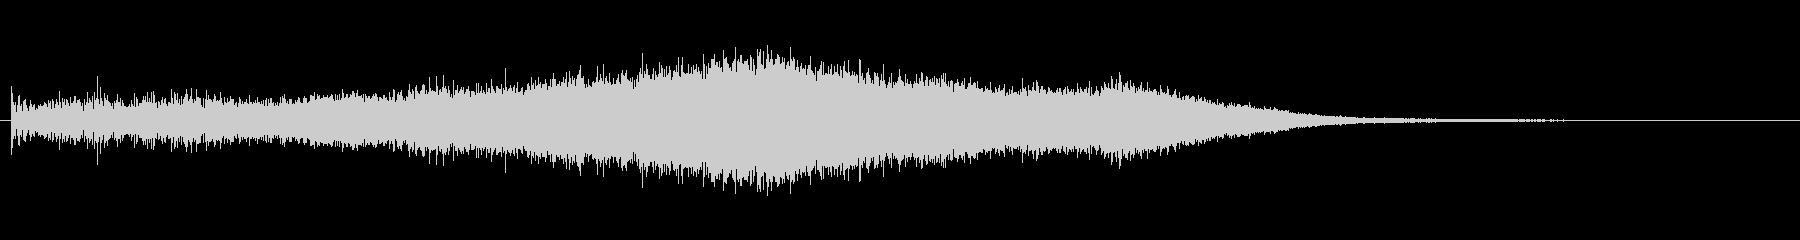 上昇 パンムーバーストレート01の未再生の波形